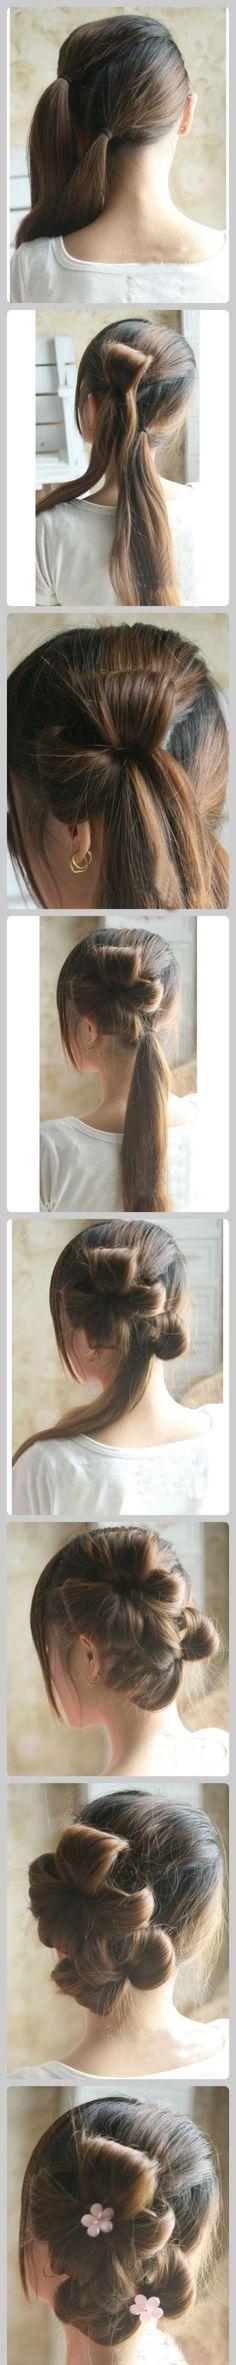 #DIY #Ribbon #Bun #Hairstyle